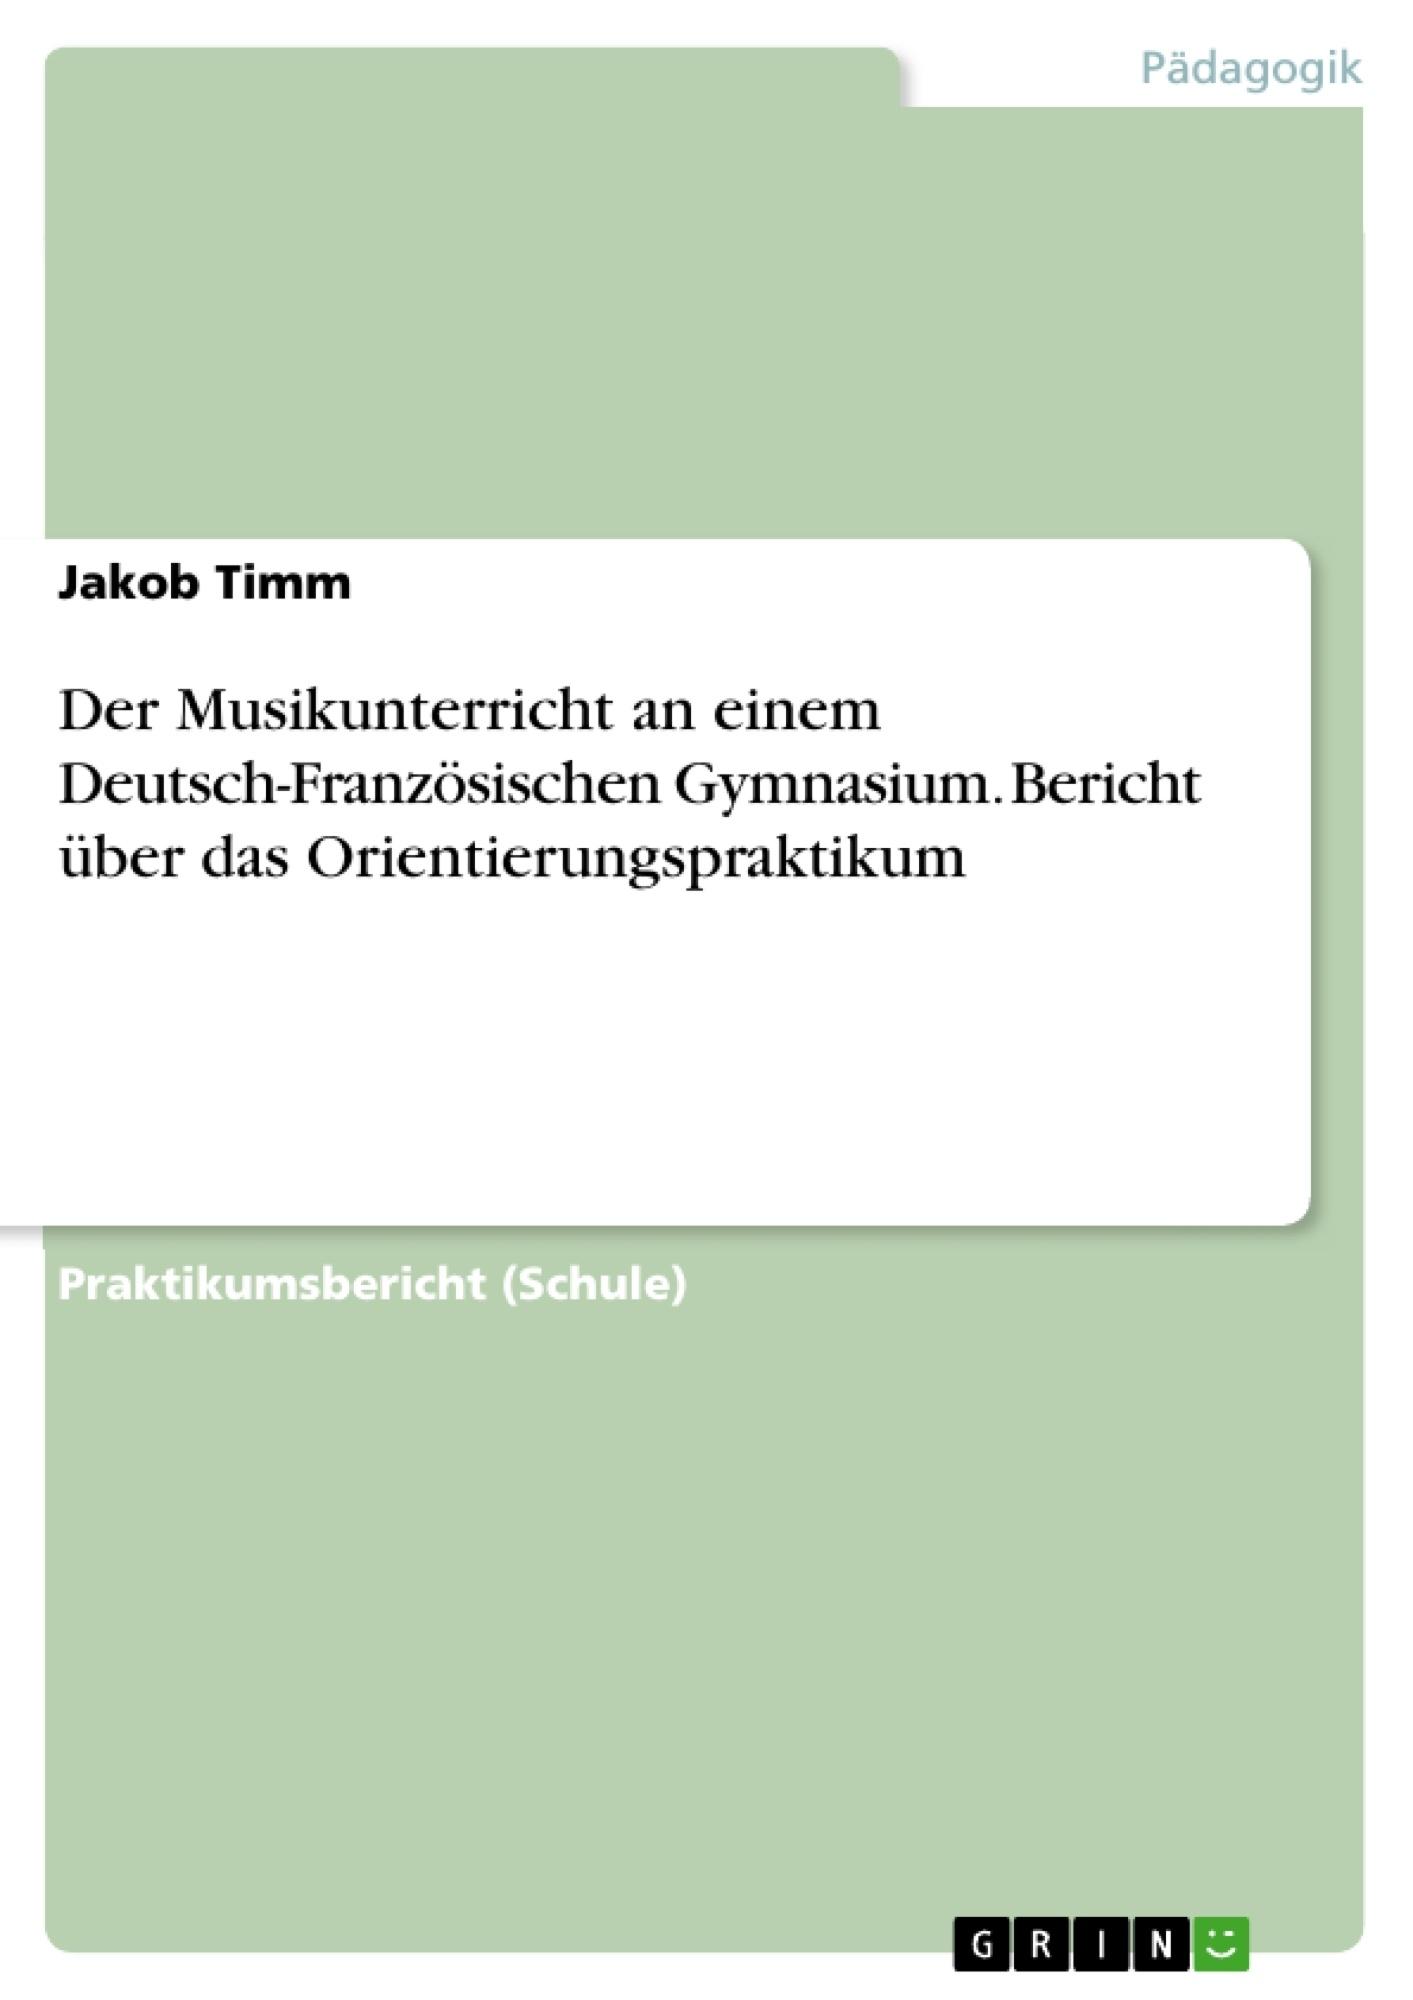 Titel: Der Musikunterricht an einem Deutsch-Französischen Gymnasium. Bericht über das Orientierungspraktikum